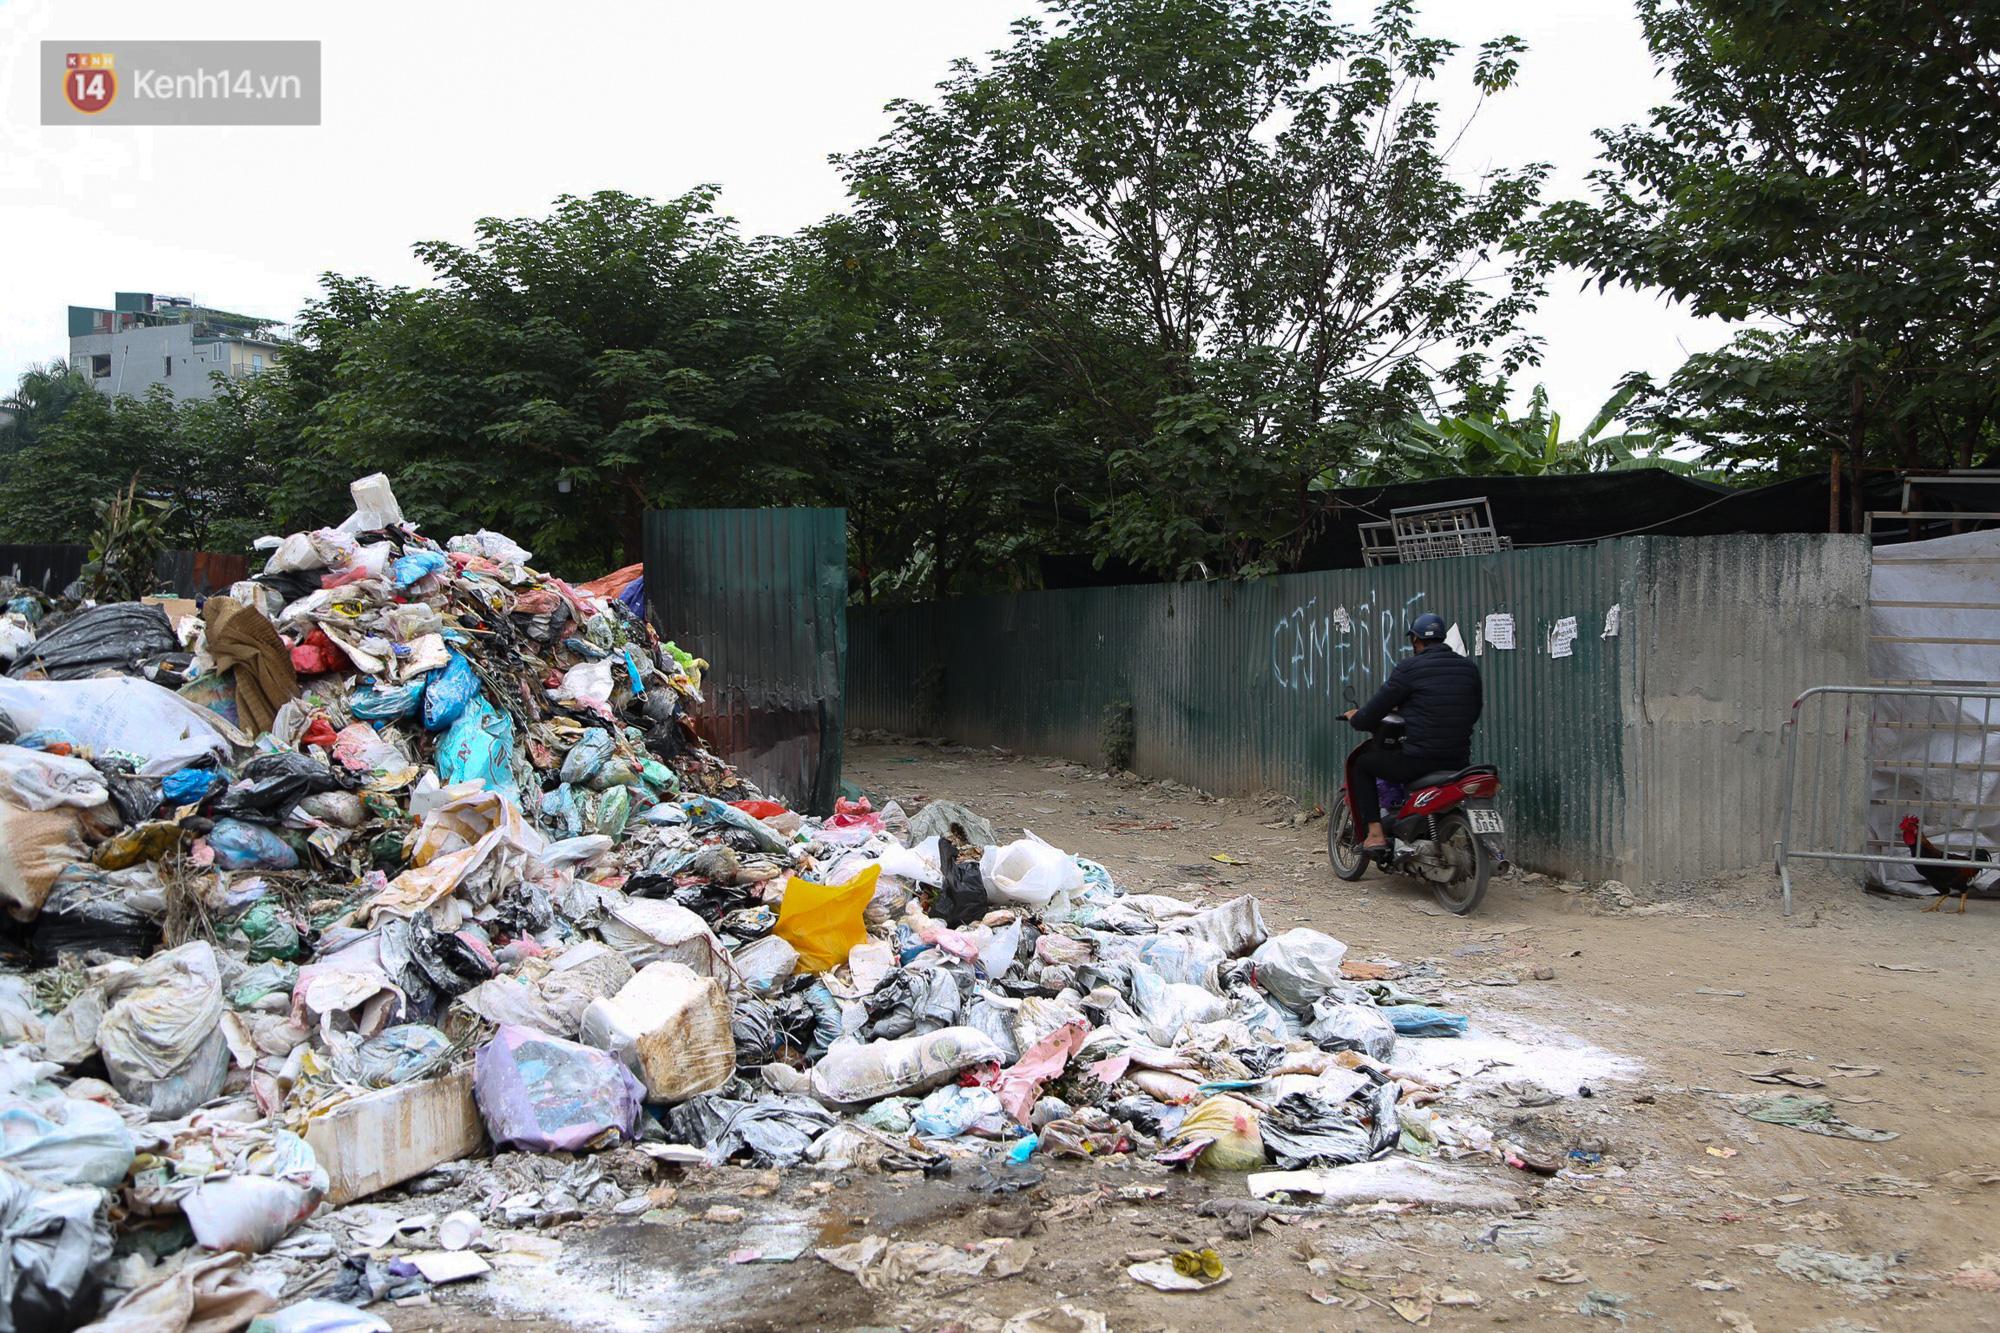 Ảnh, clip: Người Hà Nội lại ngộp thở vì rác thải chất thành đống, công nhân môi trường phải rắc vôi trắng để tạm xử lý mùi hôi - Ảnh 4.